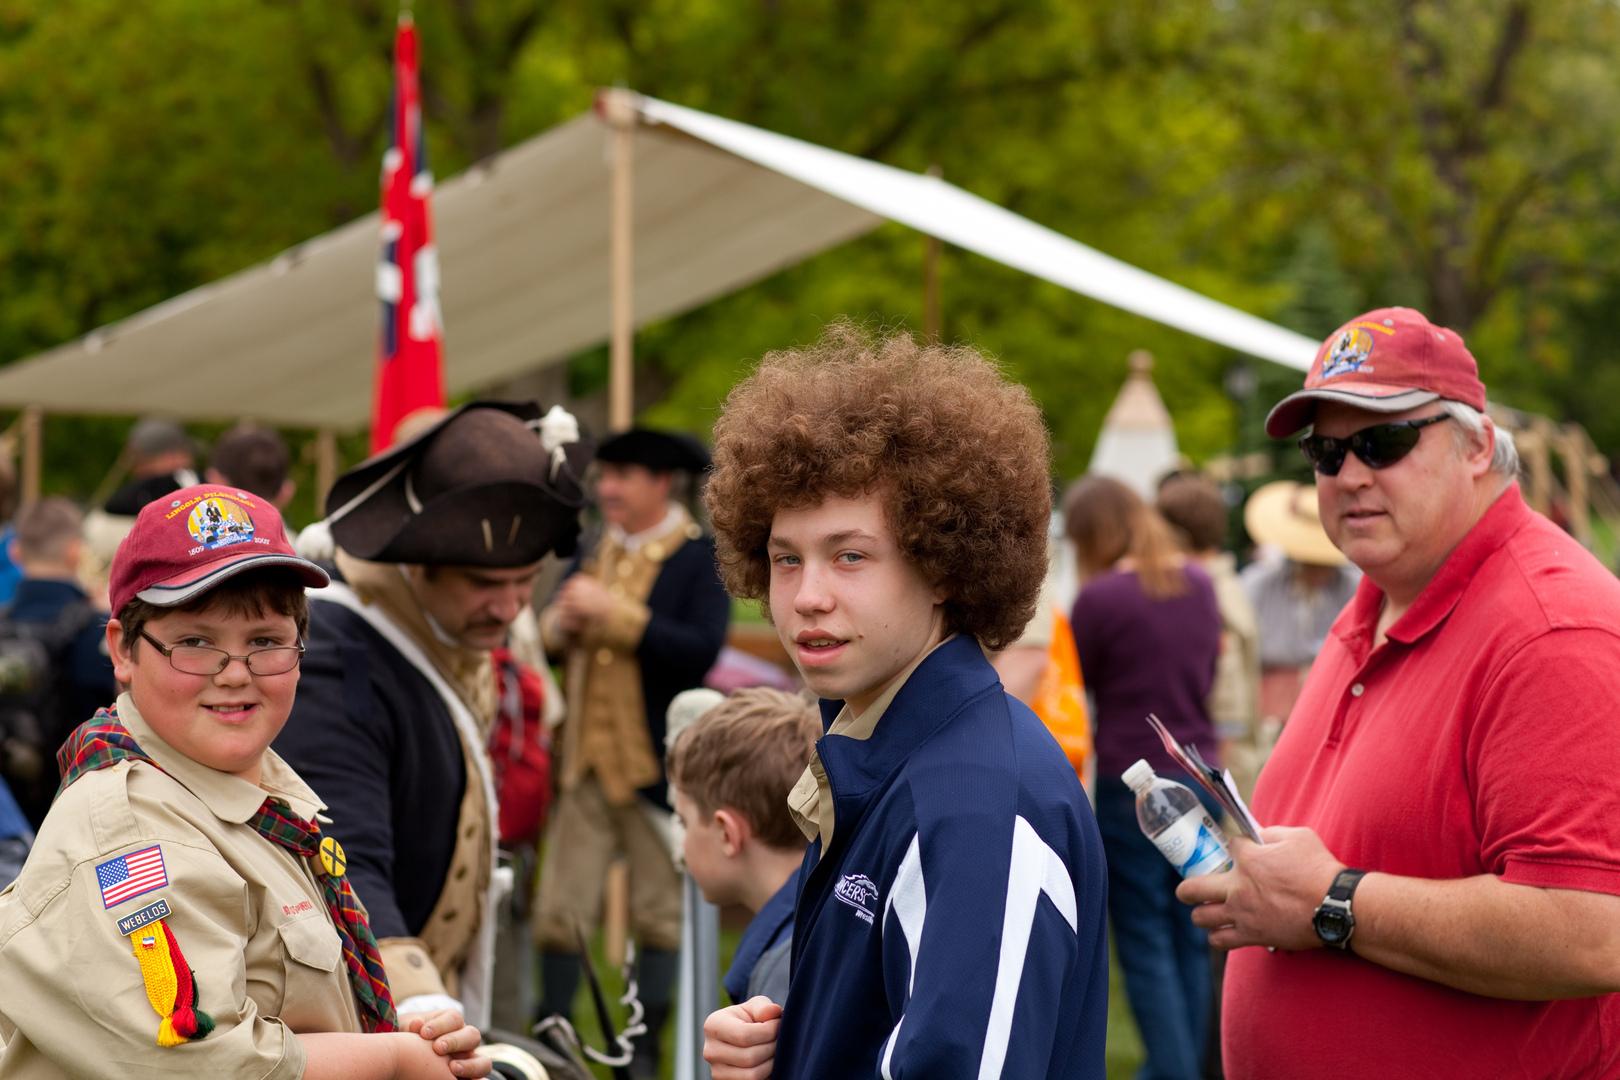 Boy Scouts 100th 369.jpg